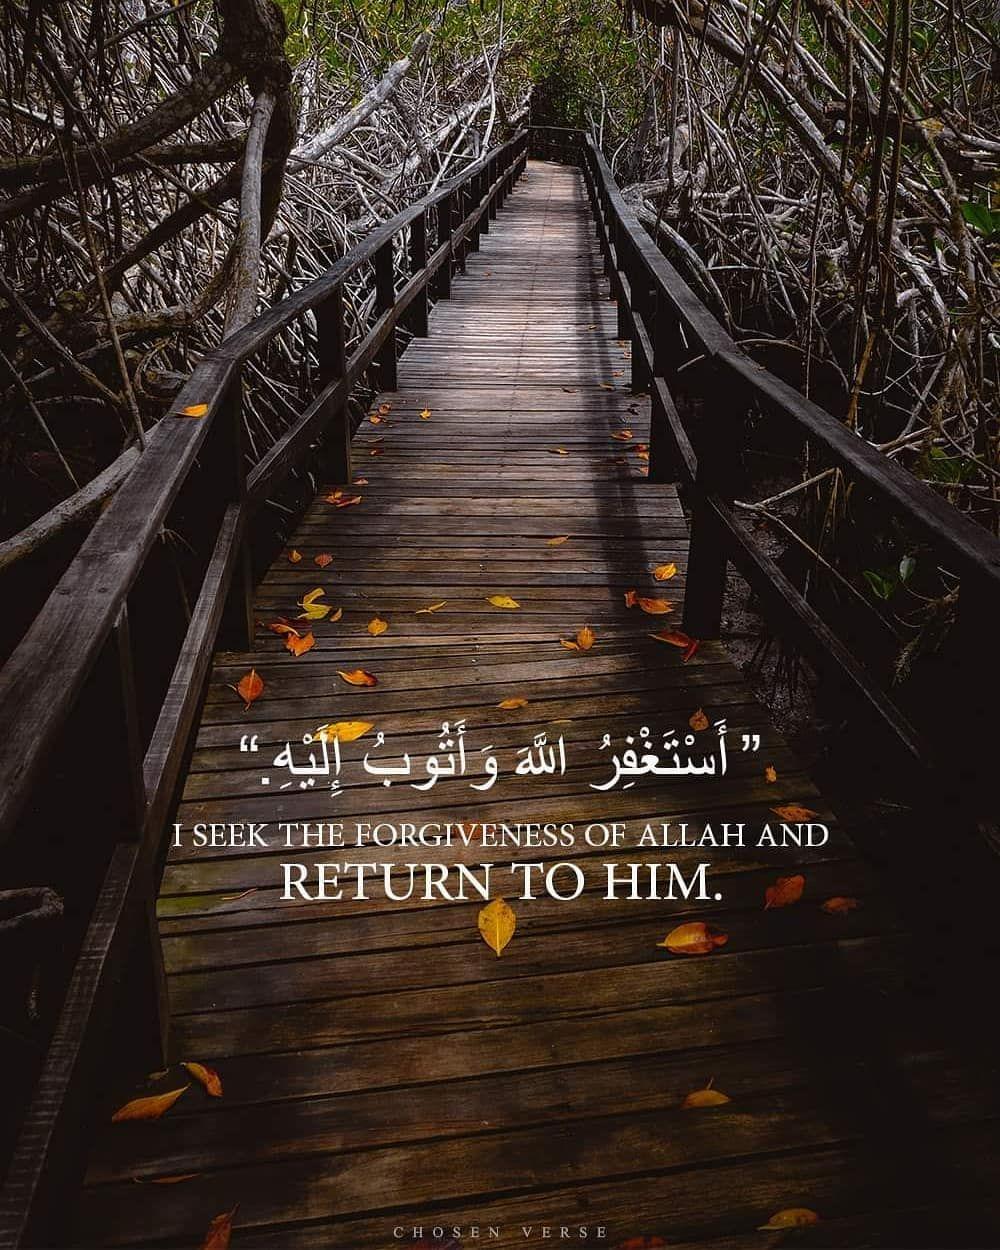 Chosen Verse On Instagram استغفر الله العظيم الذي لا اله الا هو الحي القيوم واتوب اليه Islam Astaghfirullah De Islam Quran Verses Islamic Quotes Quran